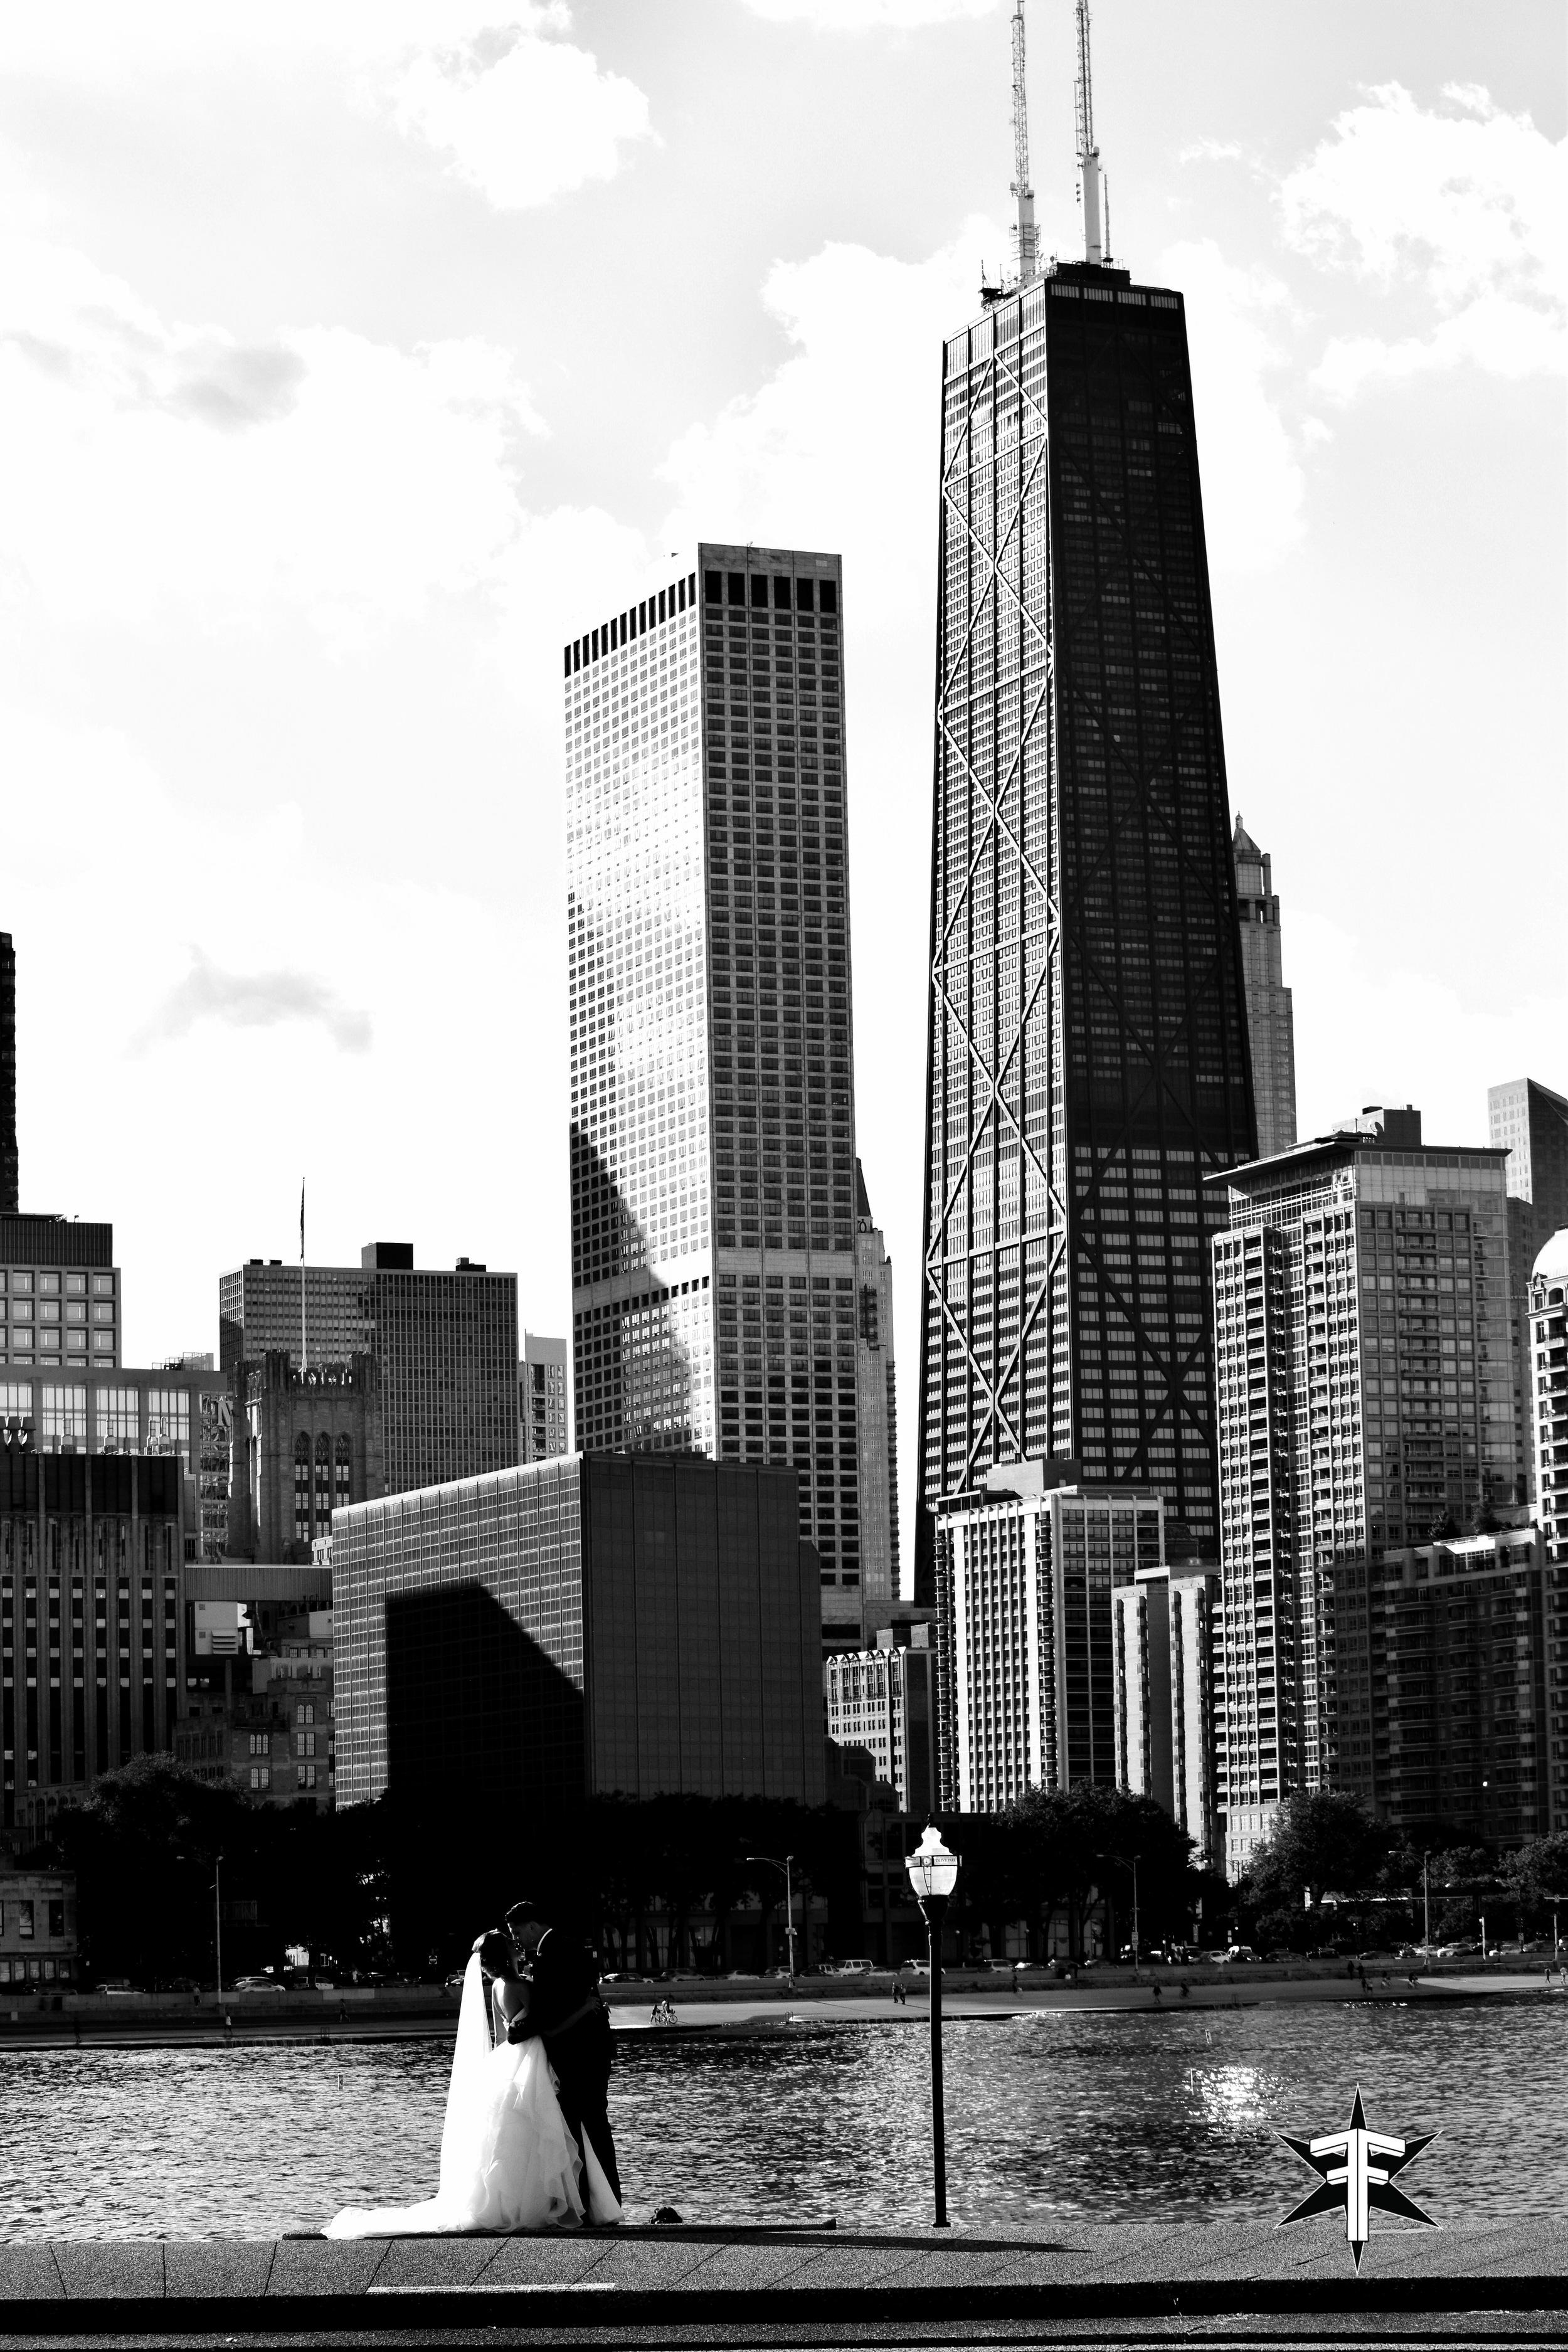 chicago architecture eric formato photography design arquitectura architettura buildings skyscraper skyscrapers-141.jpg